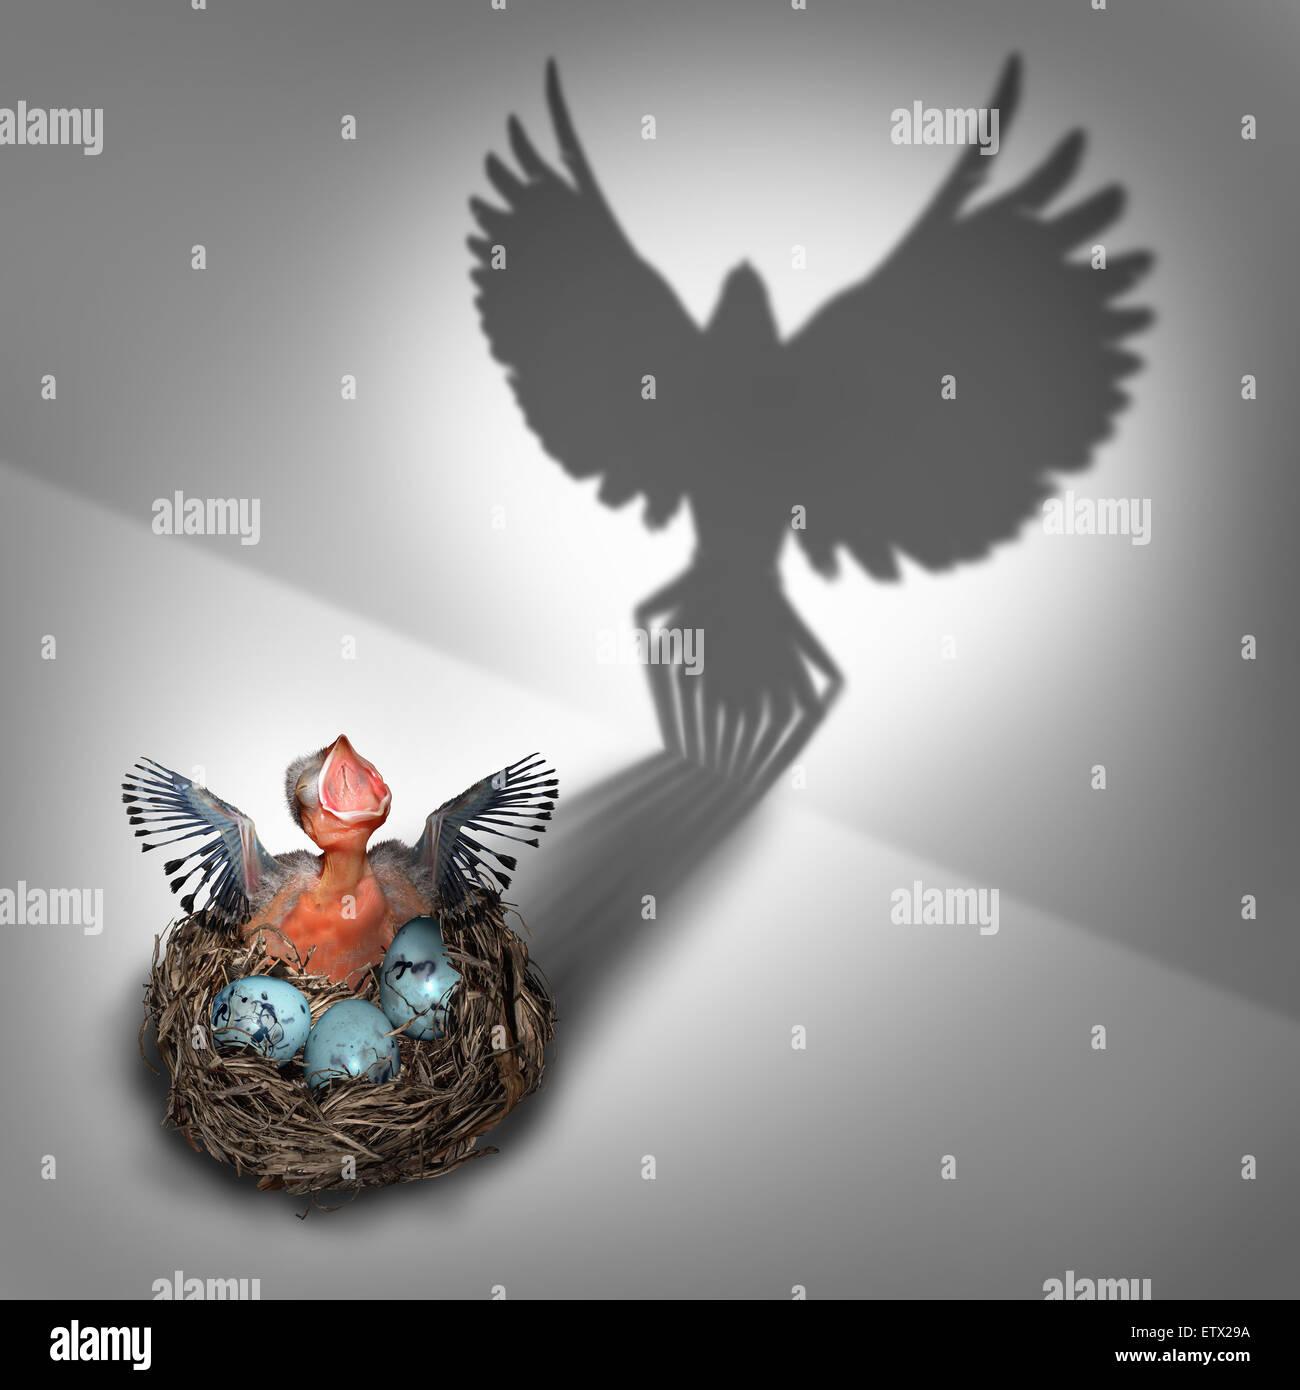 Potentiel d'avenir ou genesis concept comme un bébé nouveau-nés dans un nid d'oiseaux qui Photo Stock